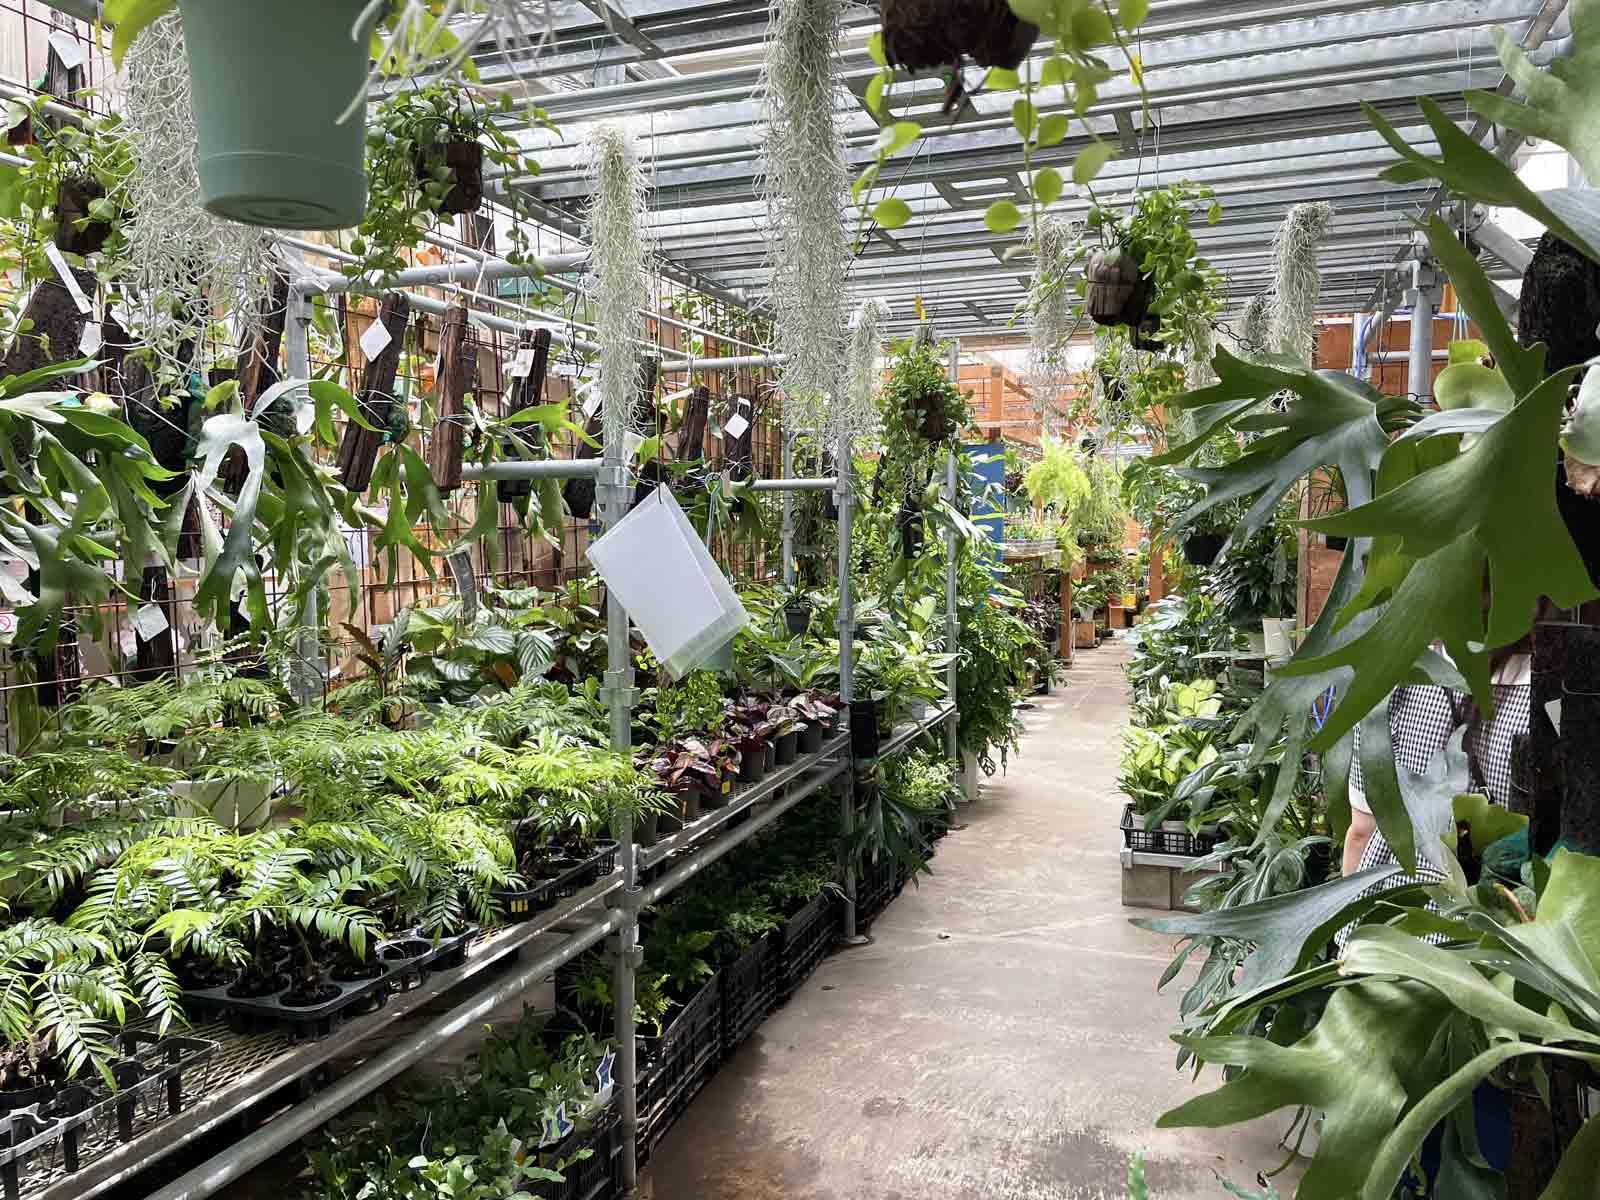 オザキフラワーパークでは全ての植物が生き生きと育っている